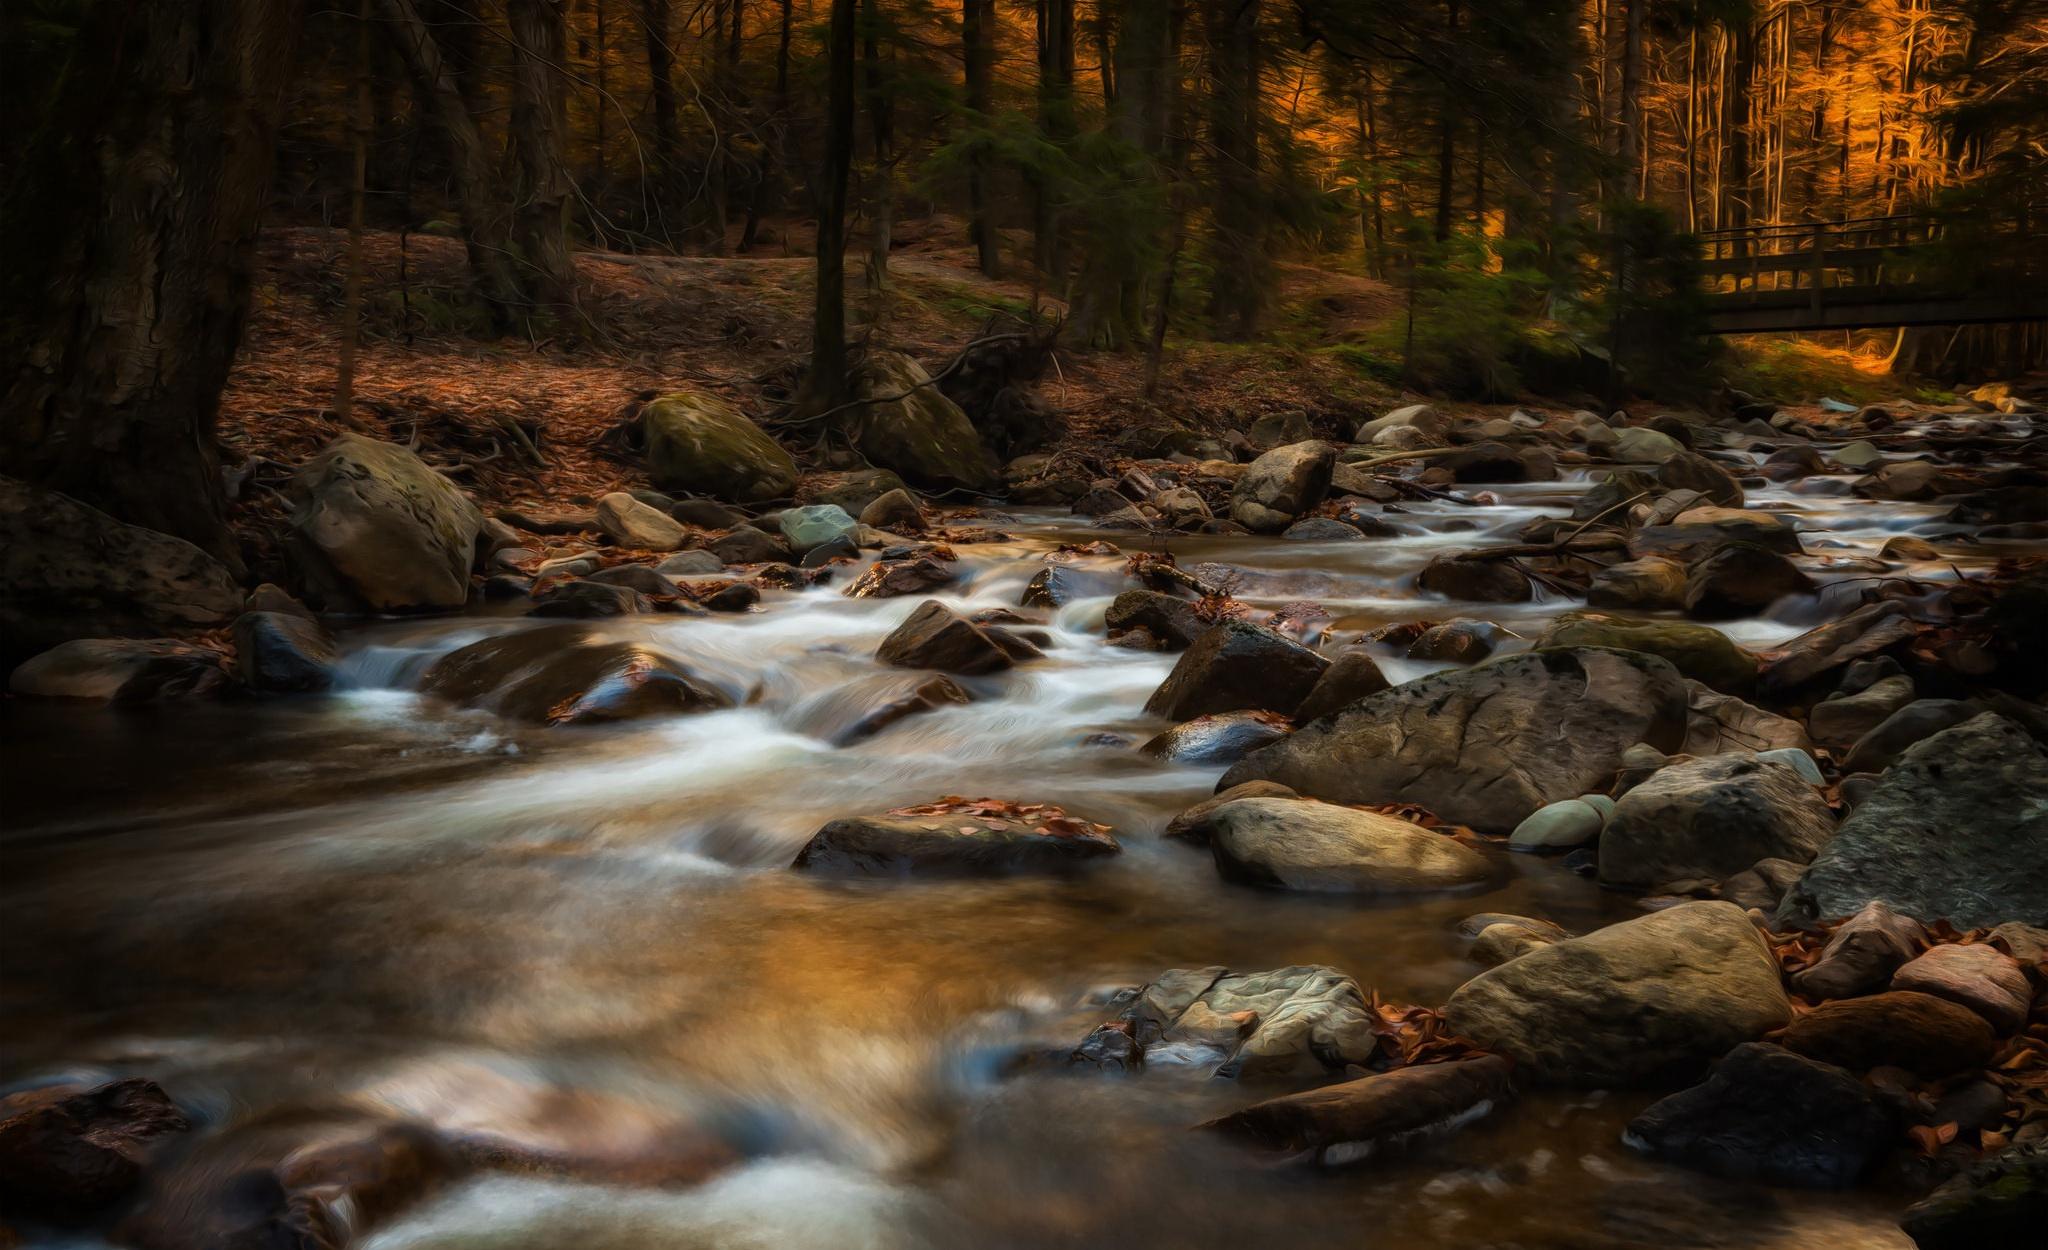 река лес  № 2789252 бесплатно